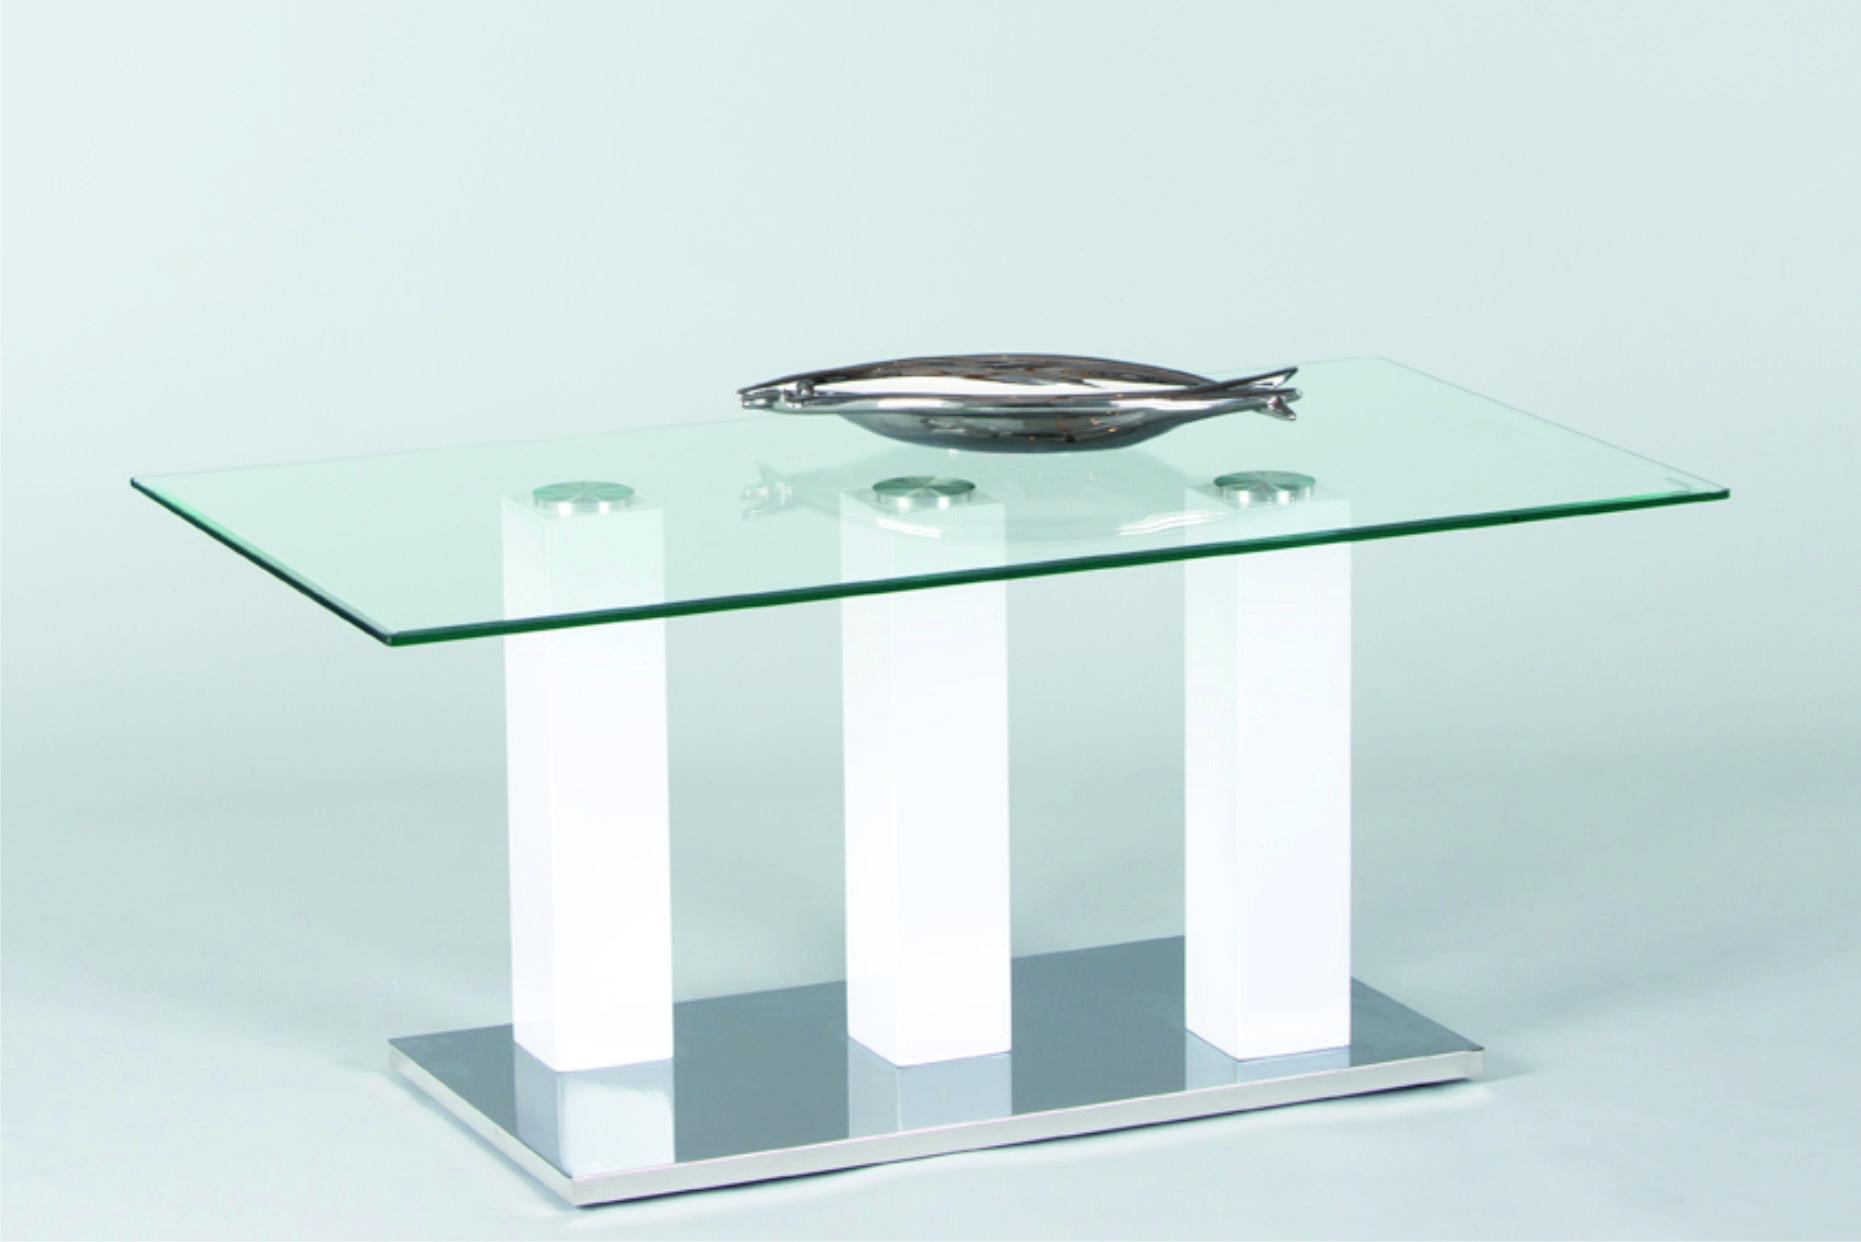 Couchtisch TOWERS von Stolkom Weiss Hochglanz / Glas